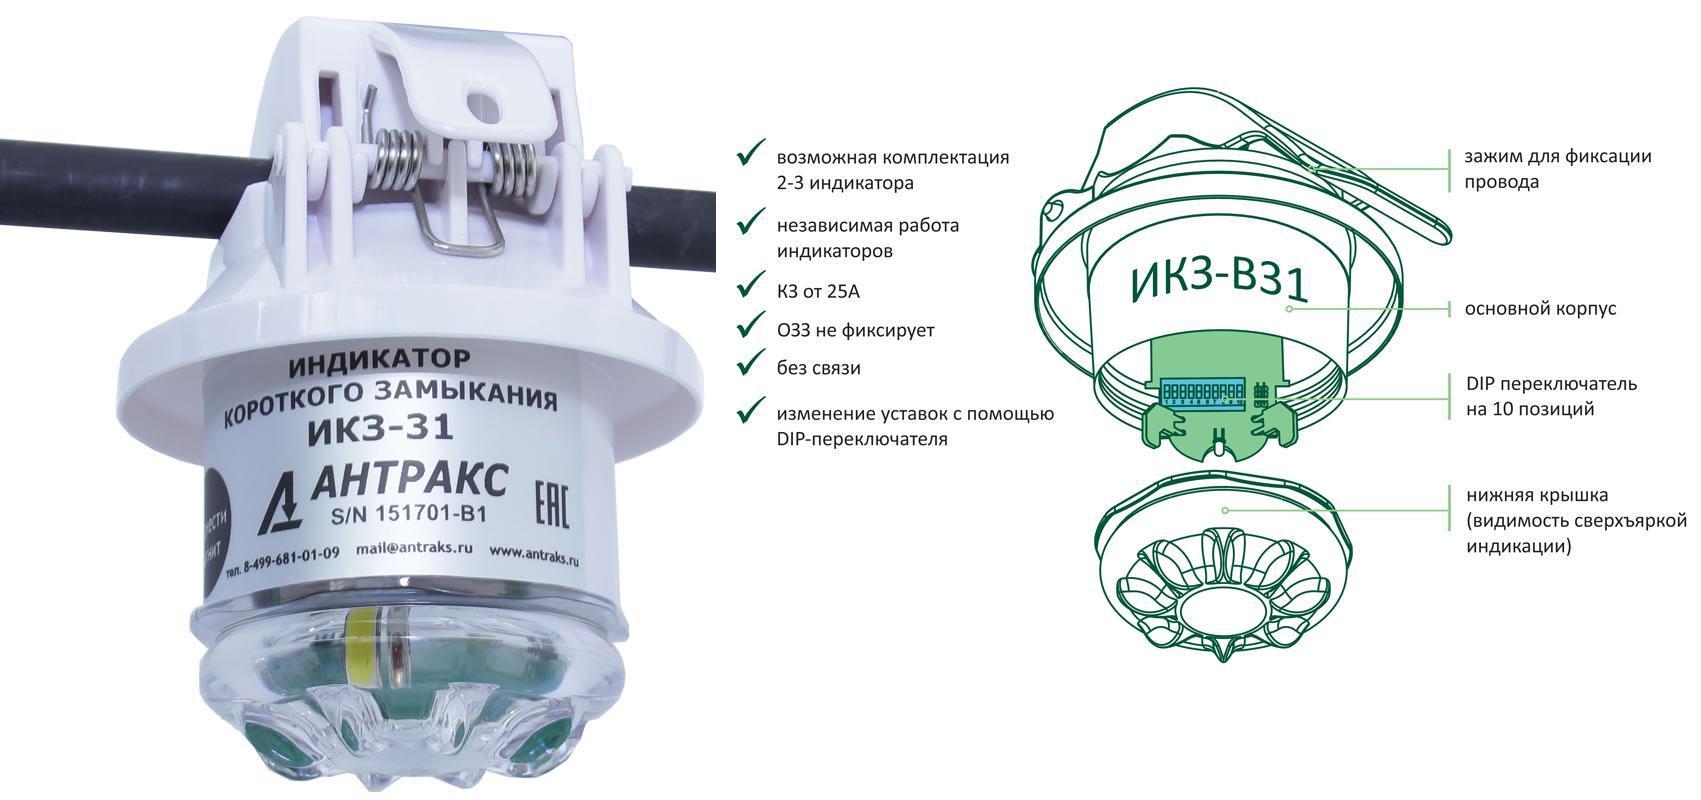 ИКЗ-В31 для сетей 6-35 кВ